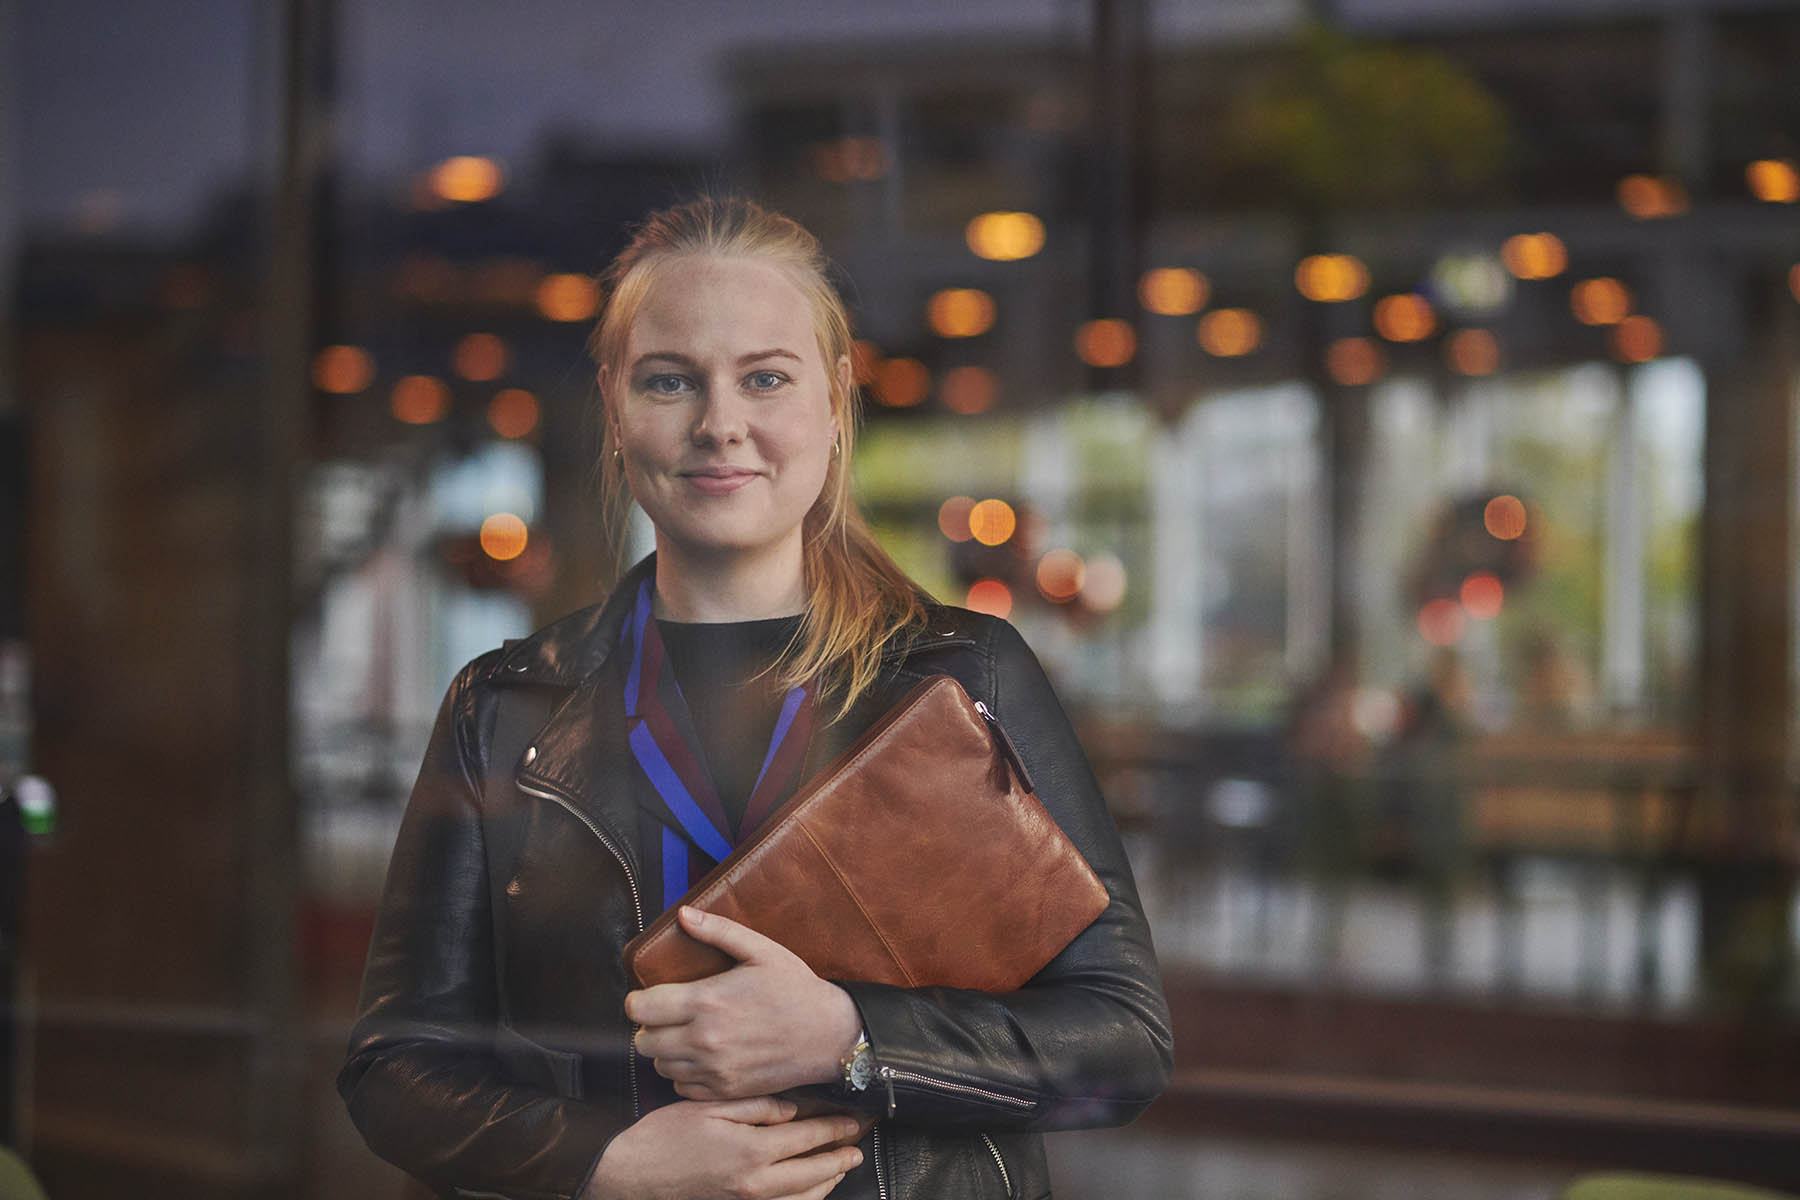 Administrationsbachelor - studerende på Købehhavns Professionshøjskole med taske ses gennem en rude